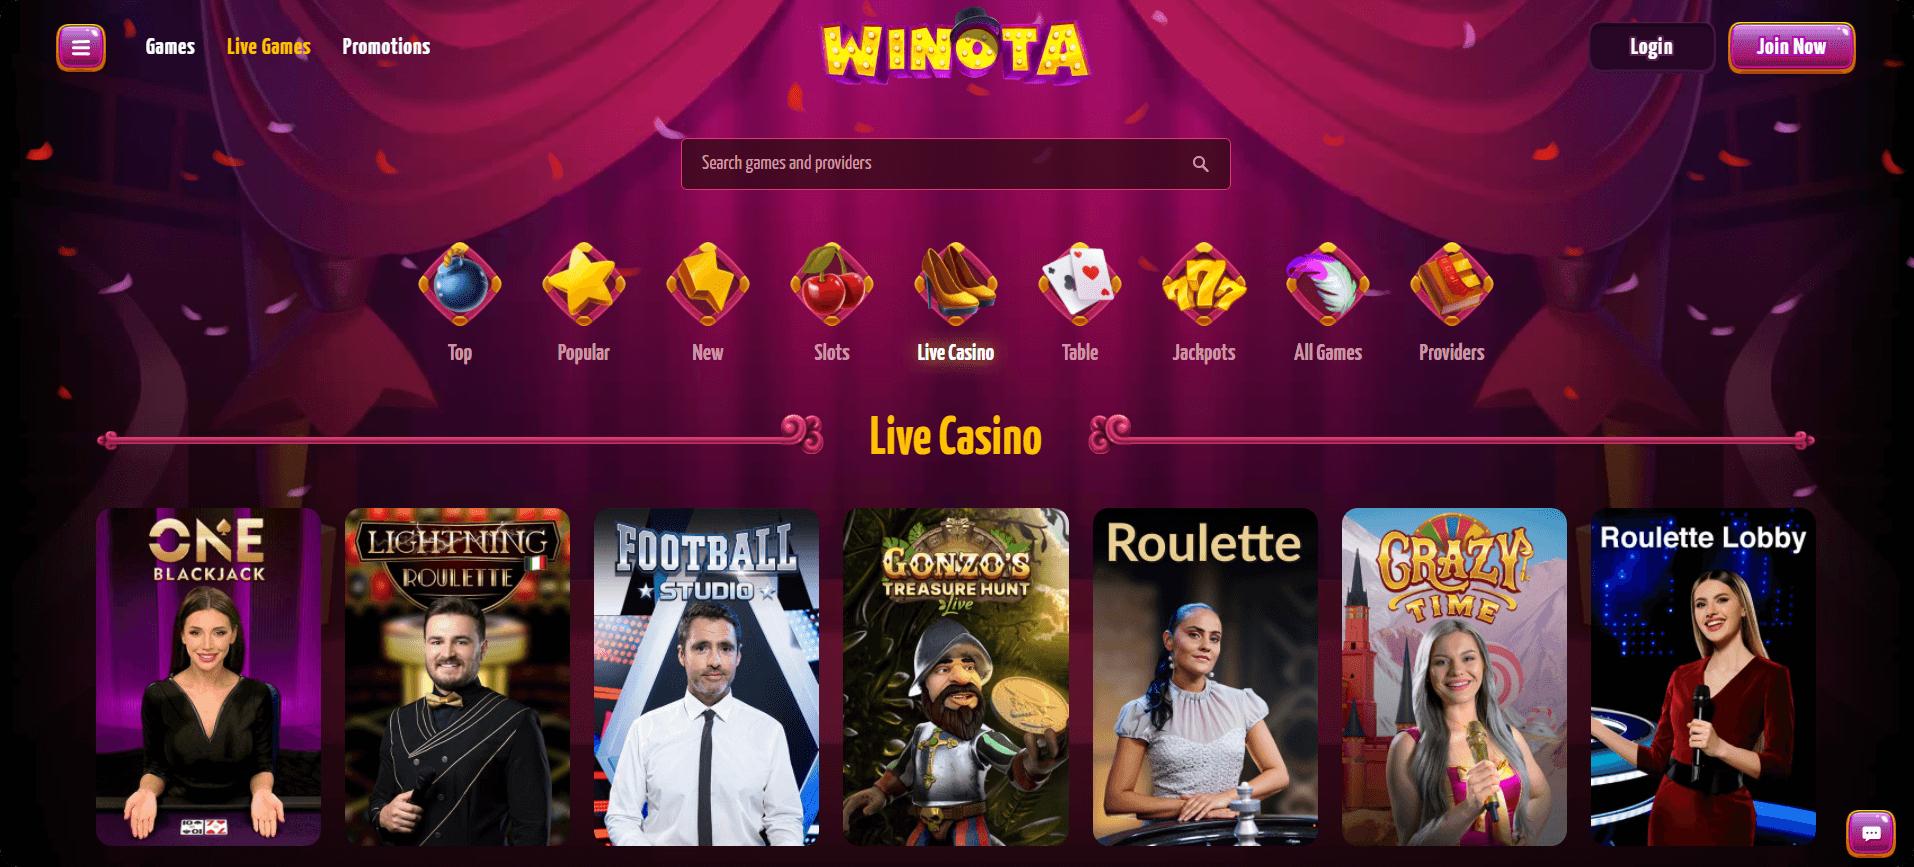 Live Casino Winota